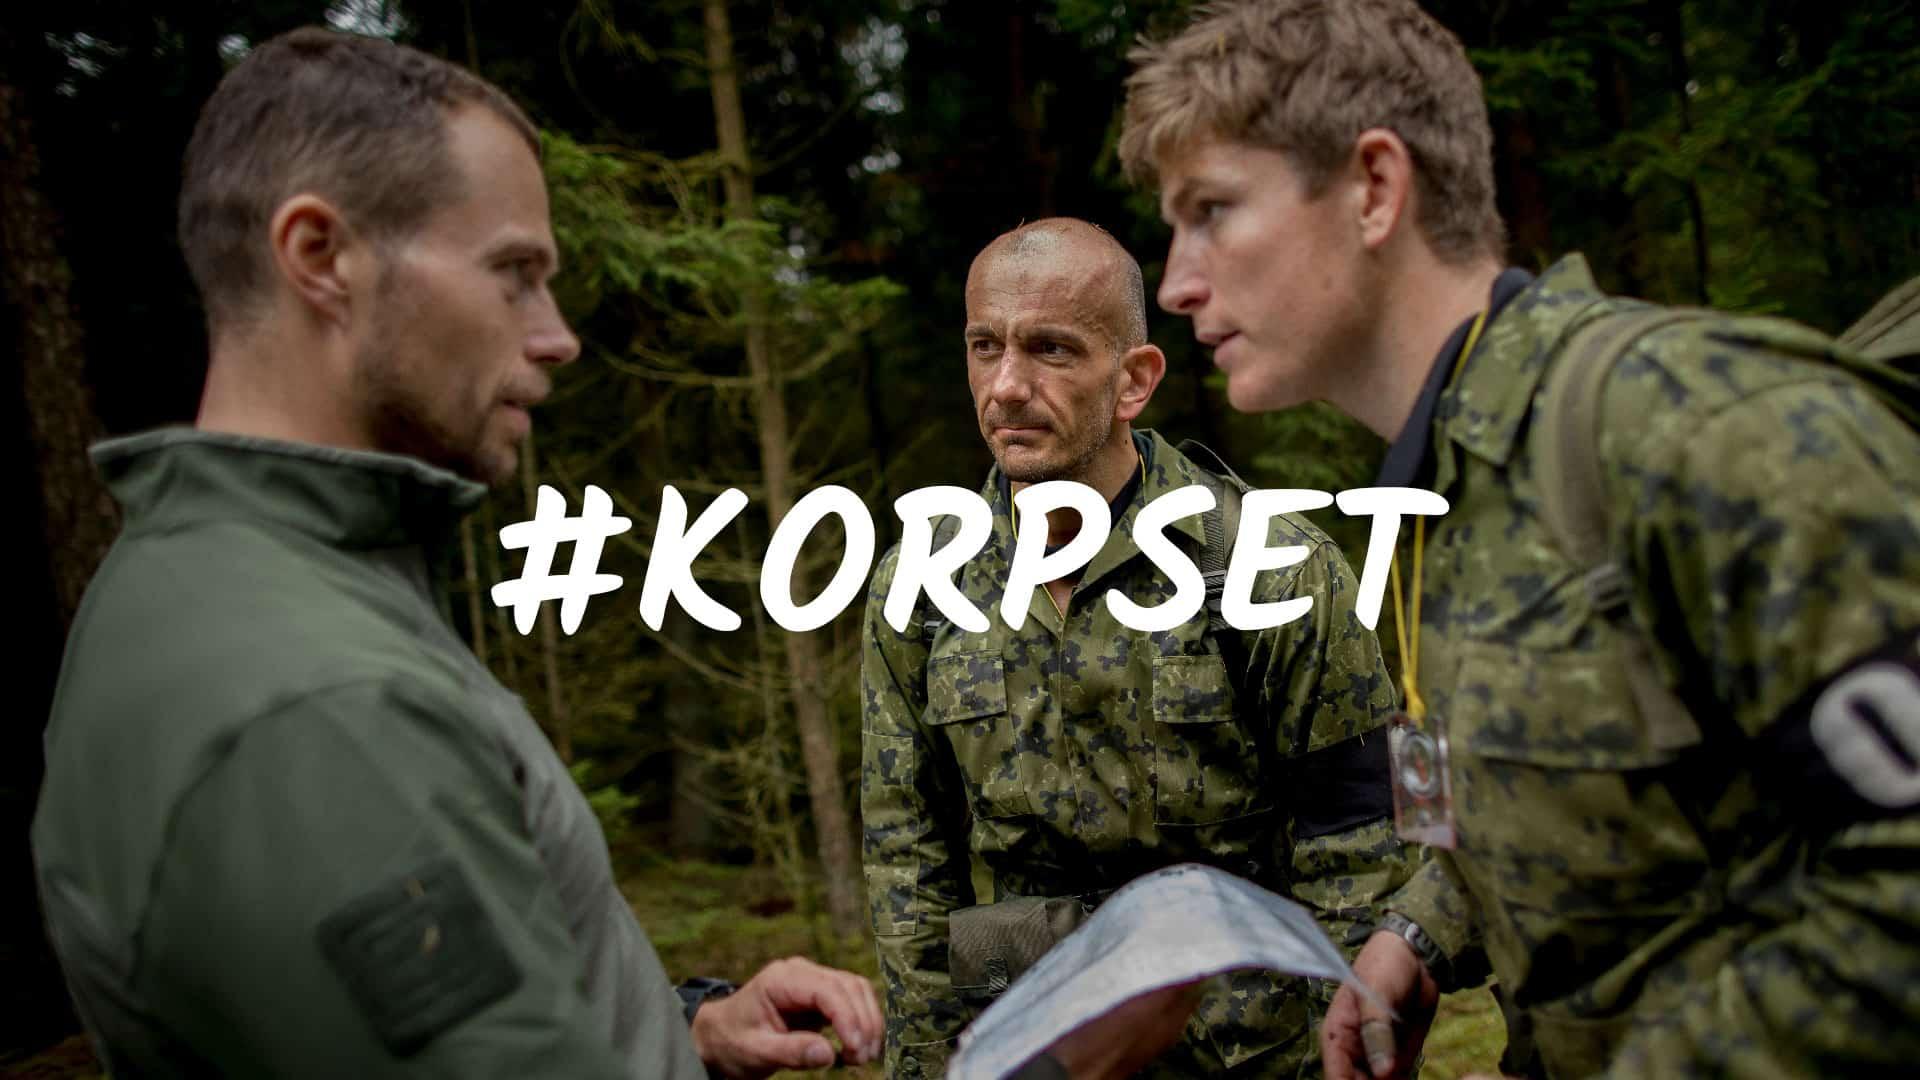 Korpset, TV program på TV2, om specialstyrker, og de krav til psyke og fysik det kræver. Med Erik B. Jørgensen